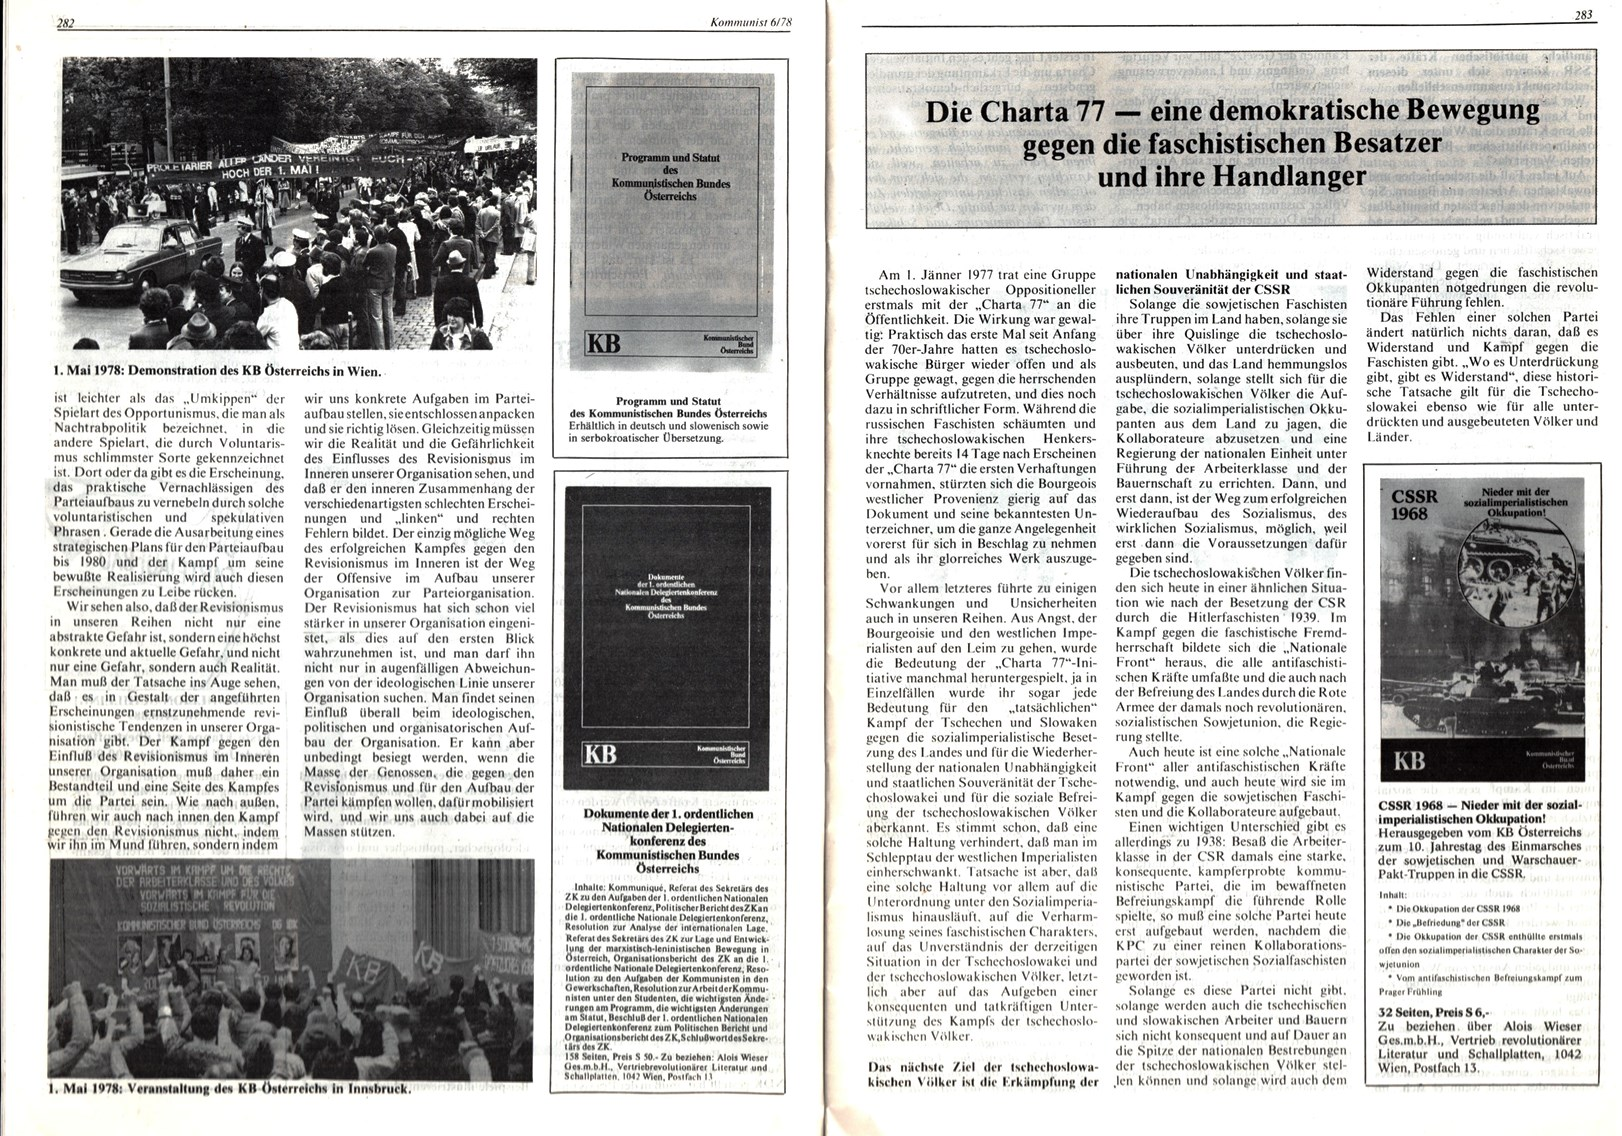 KBOe_TO_Kommunist_19780800_006_005